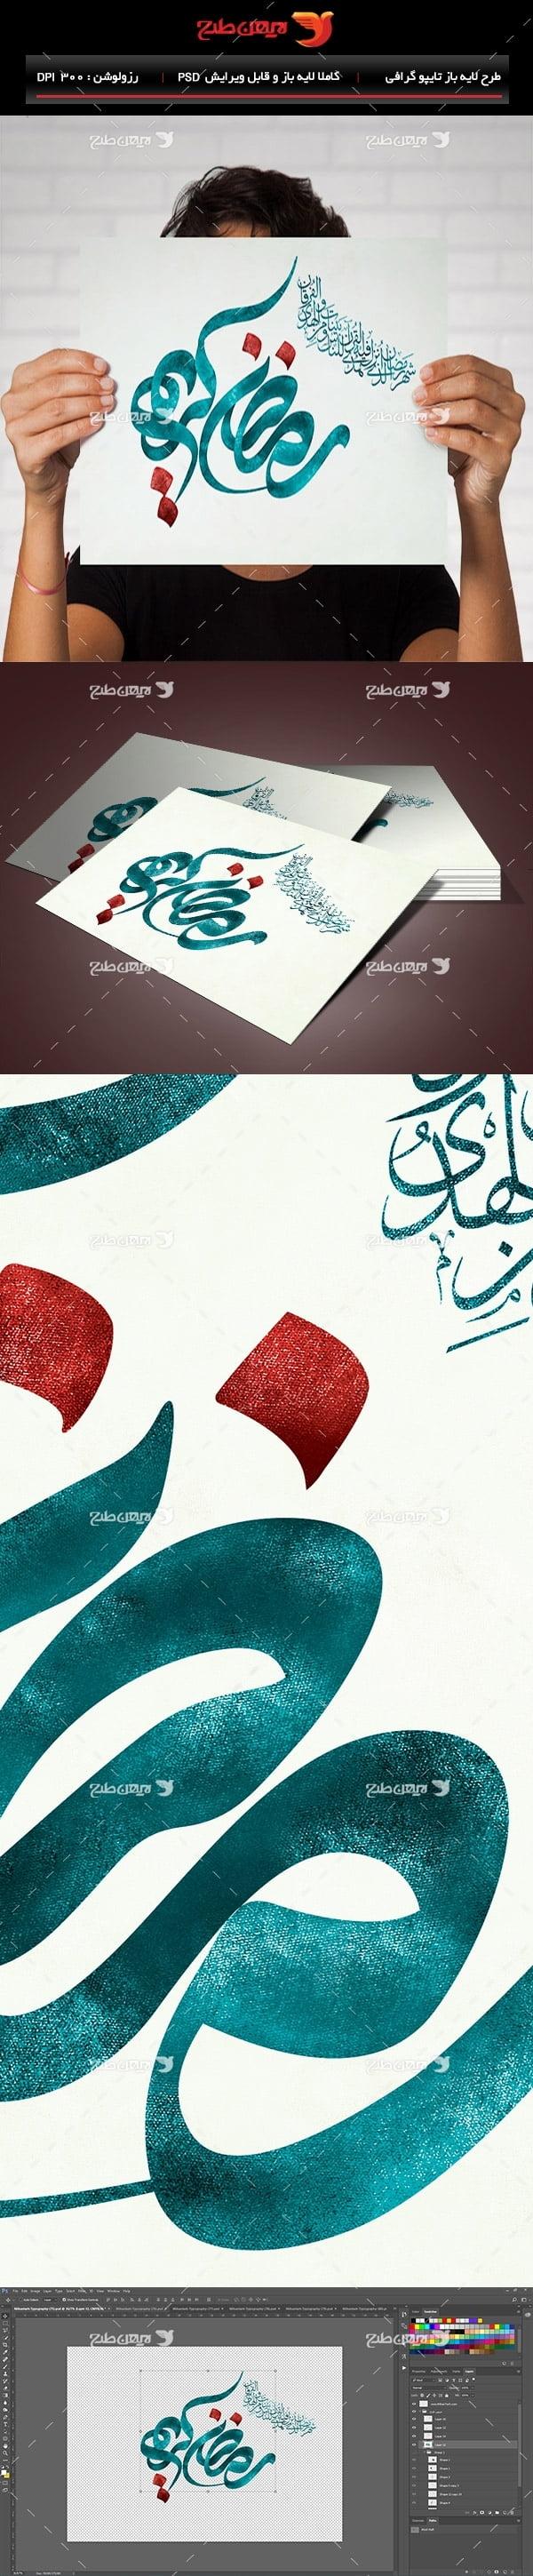 طرح لایه باز تایپوگرافی و خطاطی نام رمضان کریم